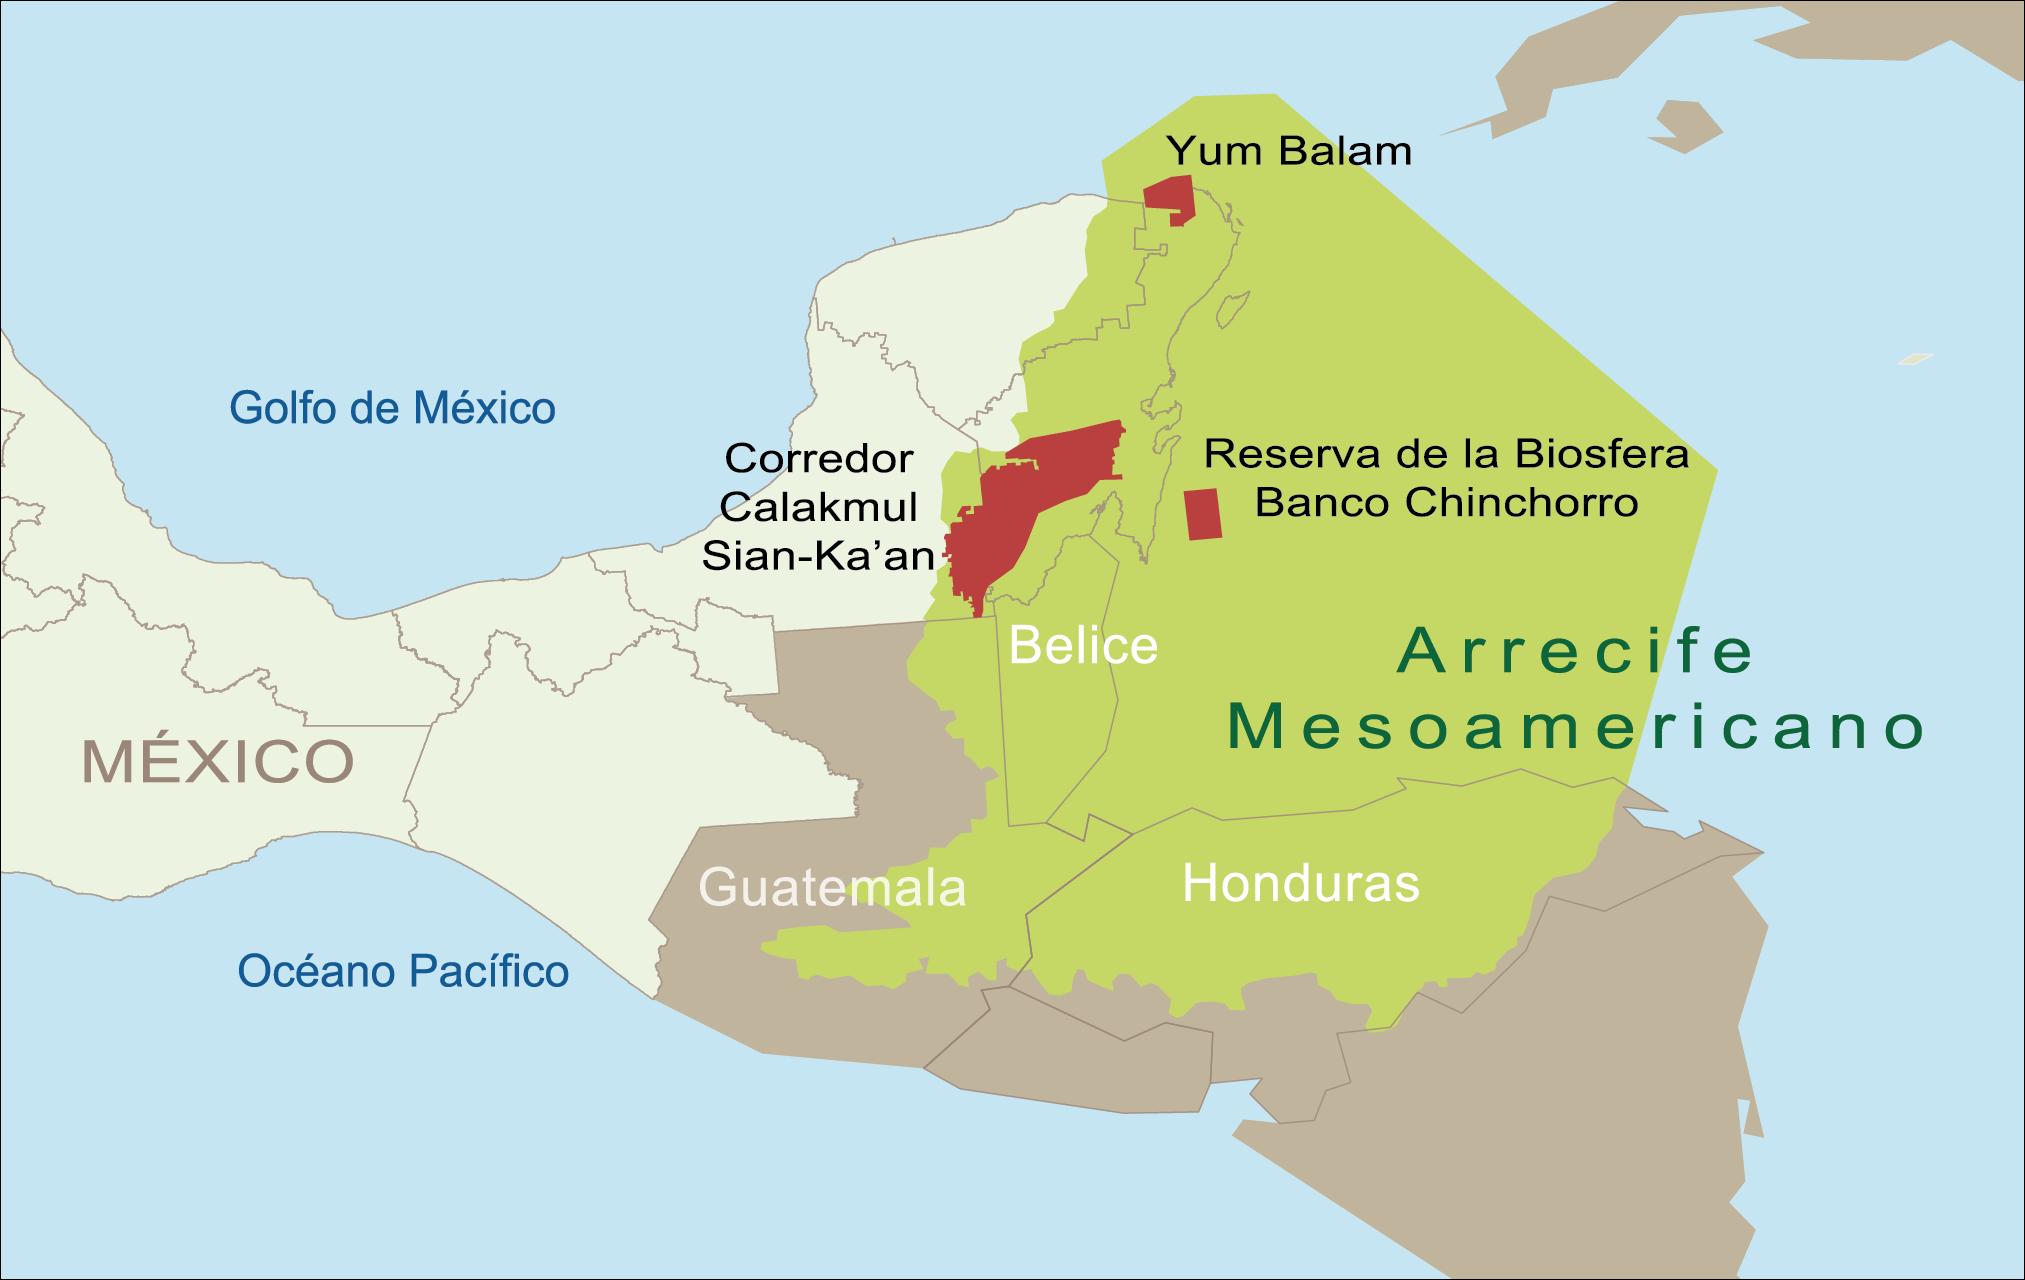 Fundo para o Meio Ambiente Mundial, imagem arrecife mesoamericano